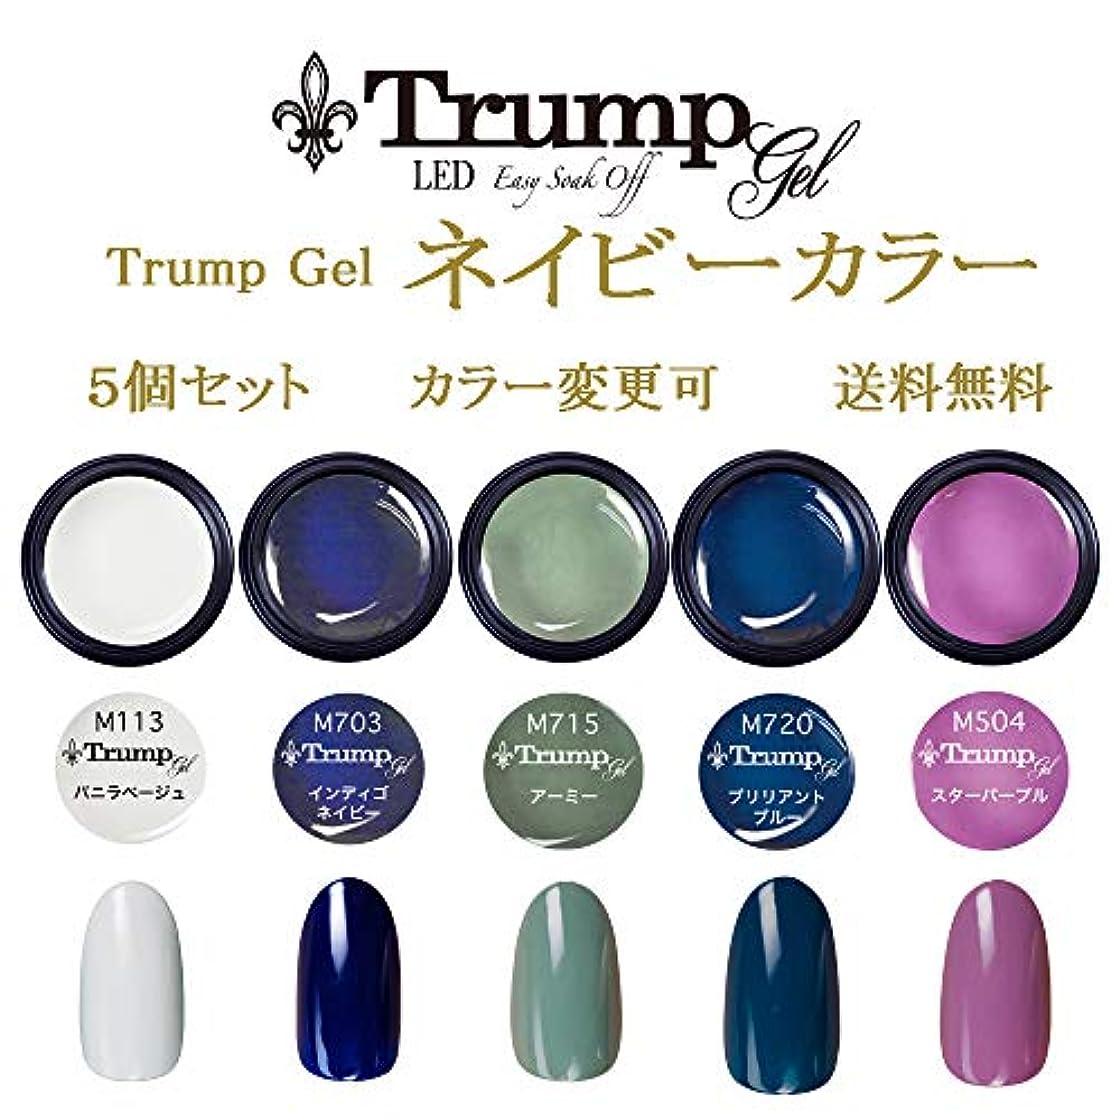 かもめロゴスポーツ日本製 Trump gel トランプジェル ネイビーカラー 選べる カラージェル 5個セット ホワイト ブルー ネイビー パープル カーキ グリーン